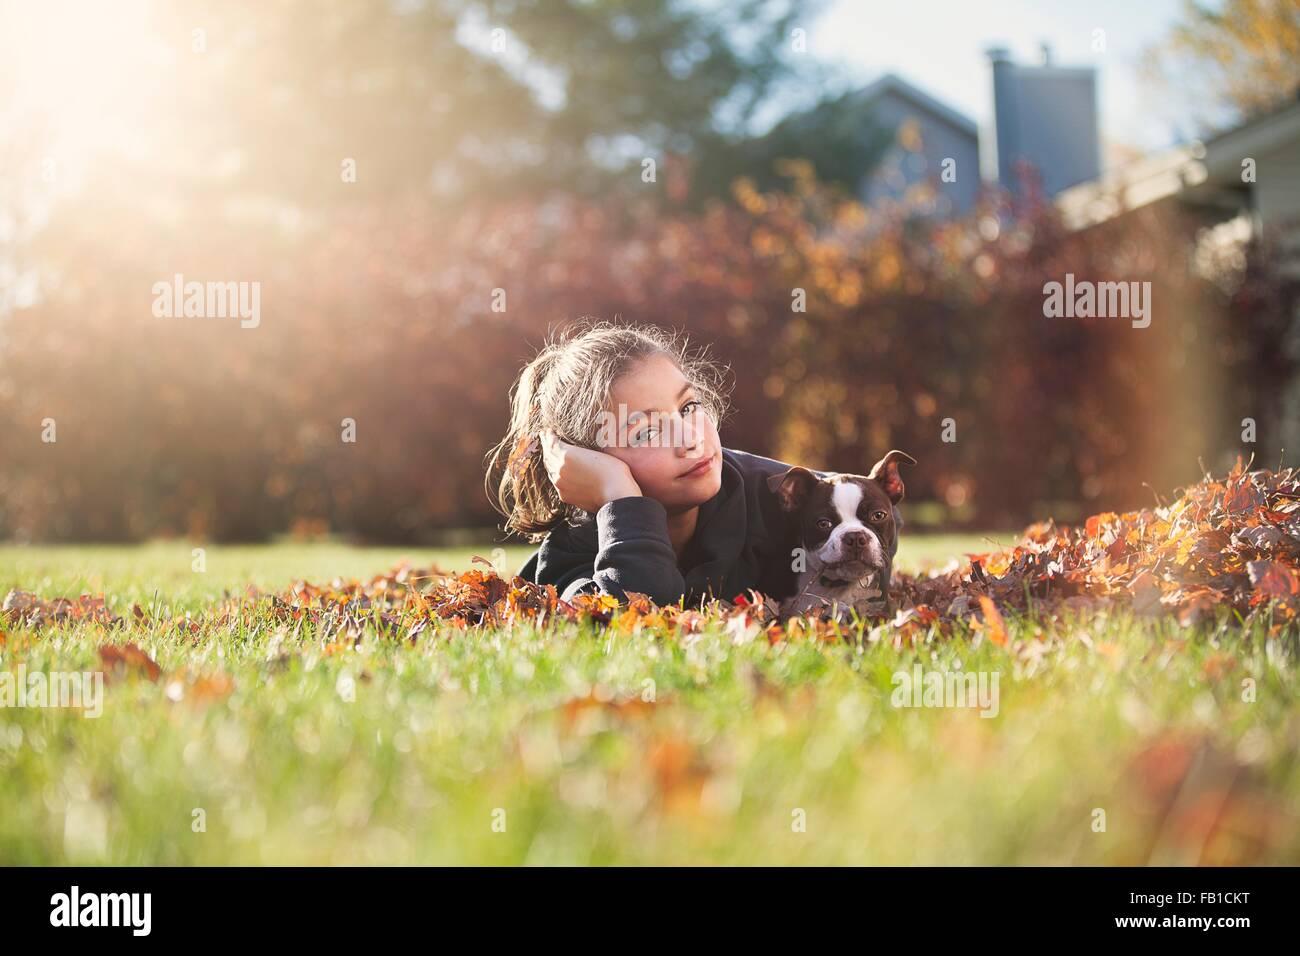 Mädchen mit Boston Terrier Welpe liegend vorne auf Herbstblatt bedeckt Rasen, ruht auf Ellenbogen Blick in Stockbild